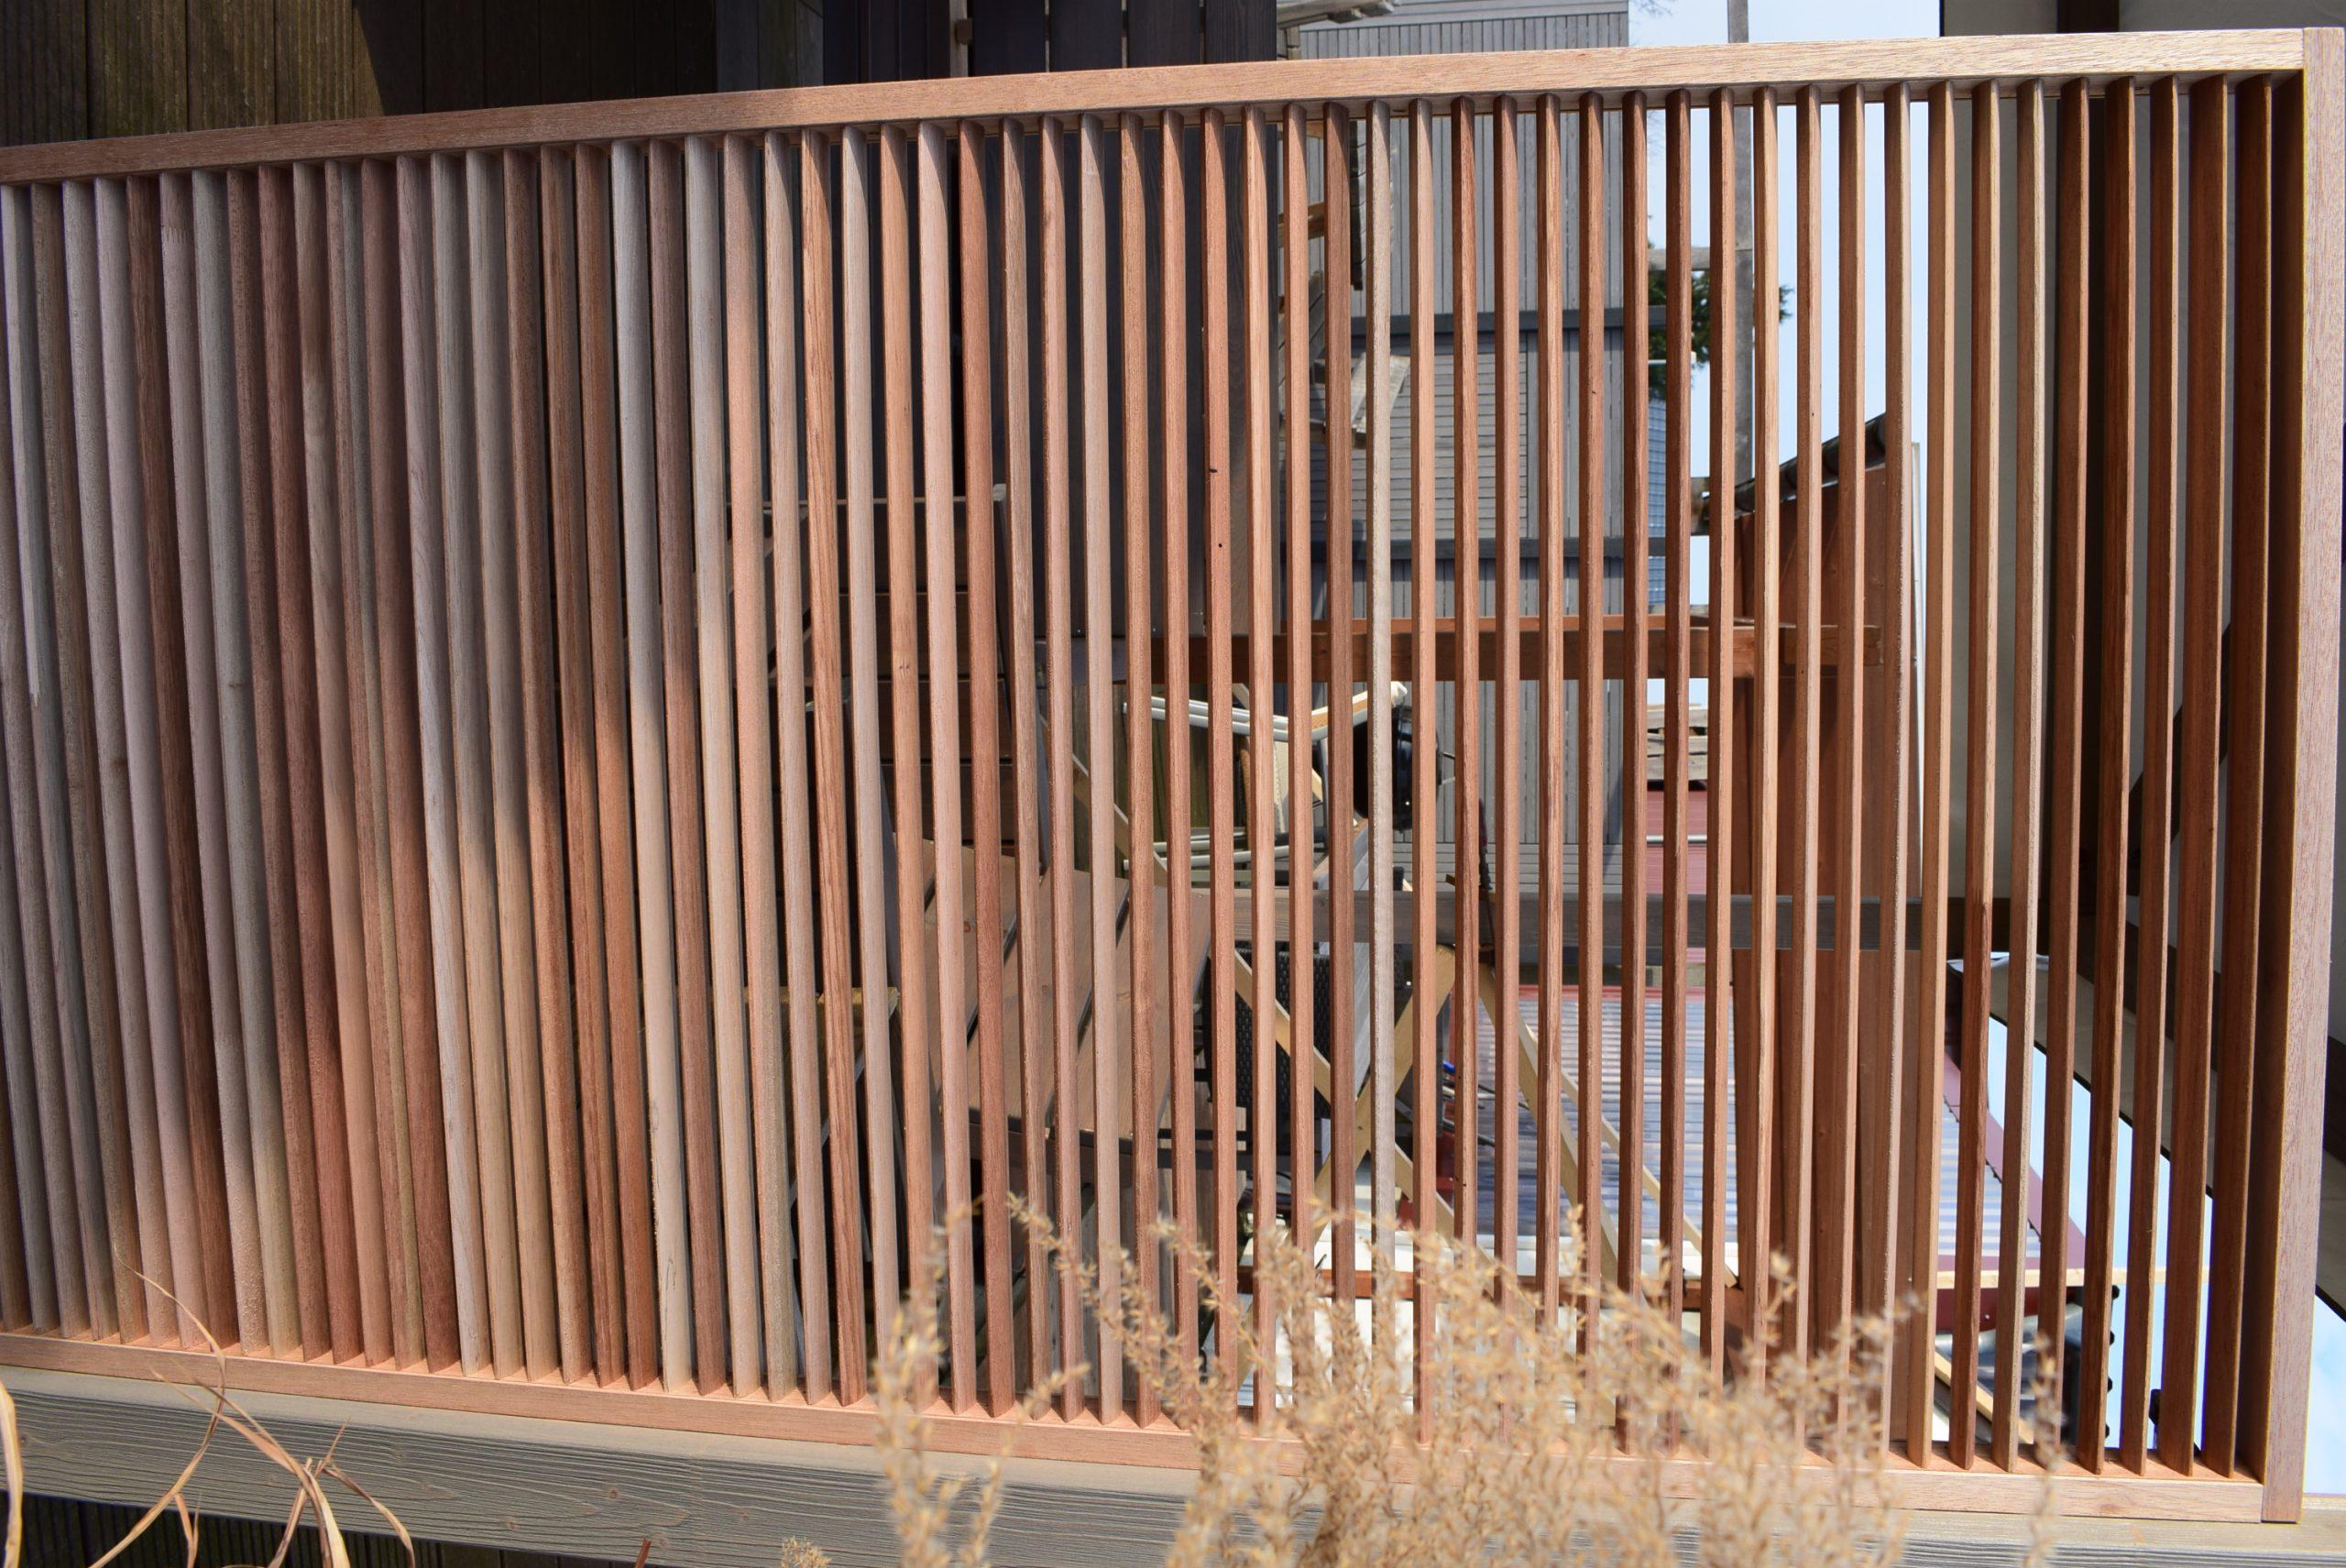 Full Size of Sichtschutz Holz Holzzaun Obi Selber Bauen Balkon Hornbach Rhombus Forst Und Dienstleistungen Verschattung Sichtschutzfolie Fenster Einseitig Durchsichtig Sofa Wohnzimmer Sichtschutz Holz